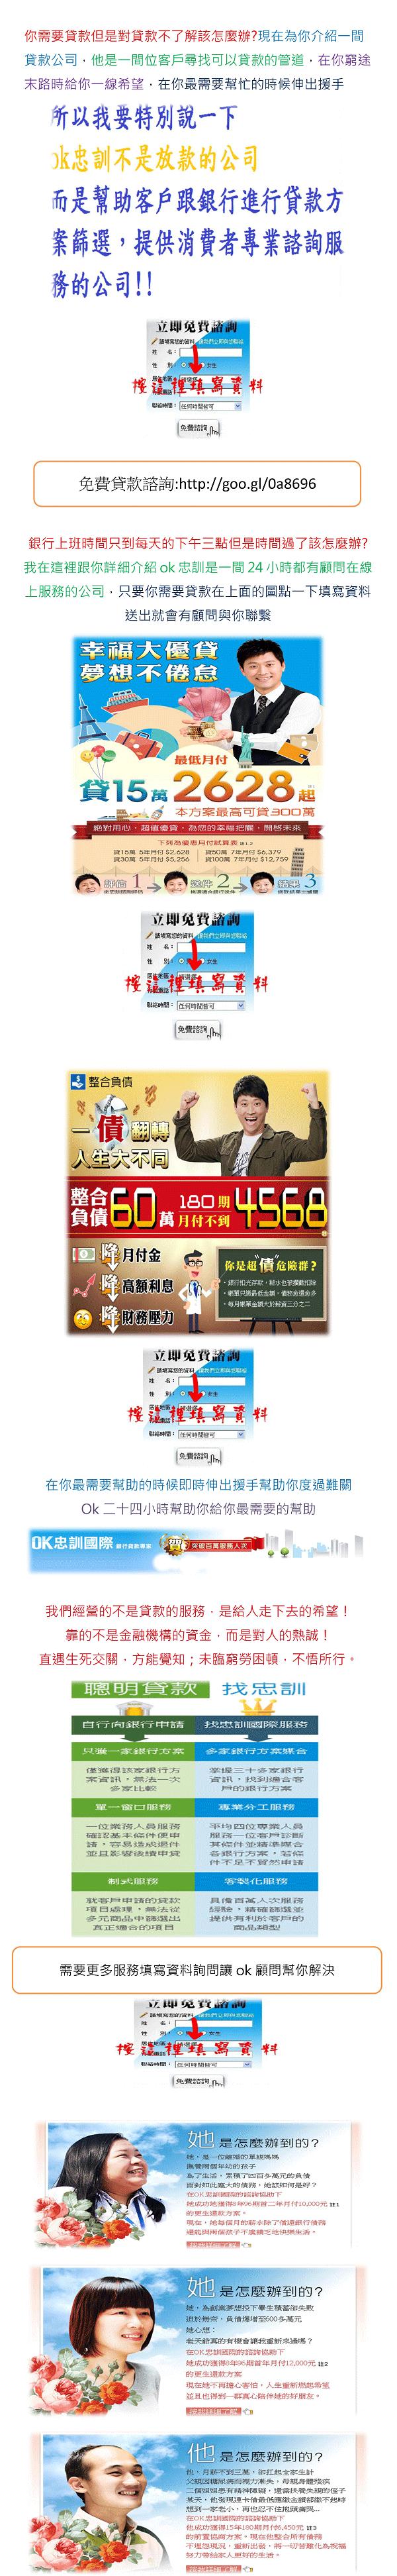 台北民間小額借貸